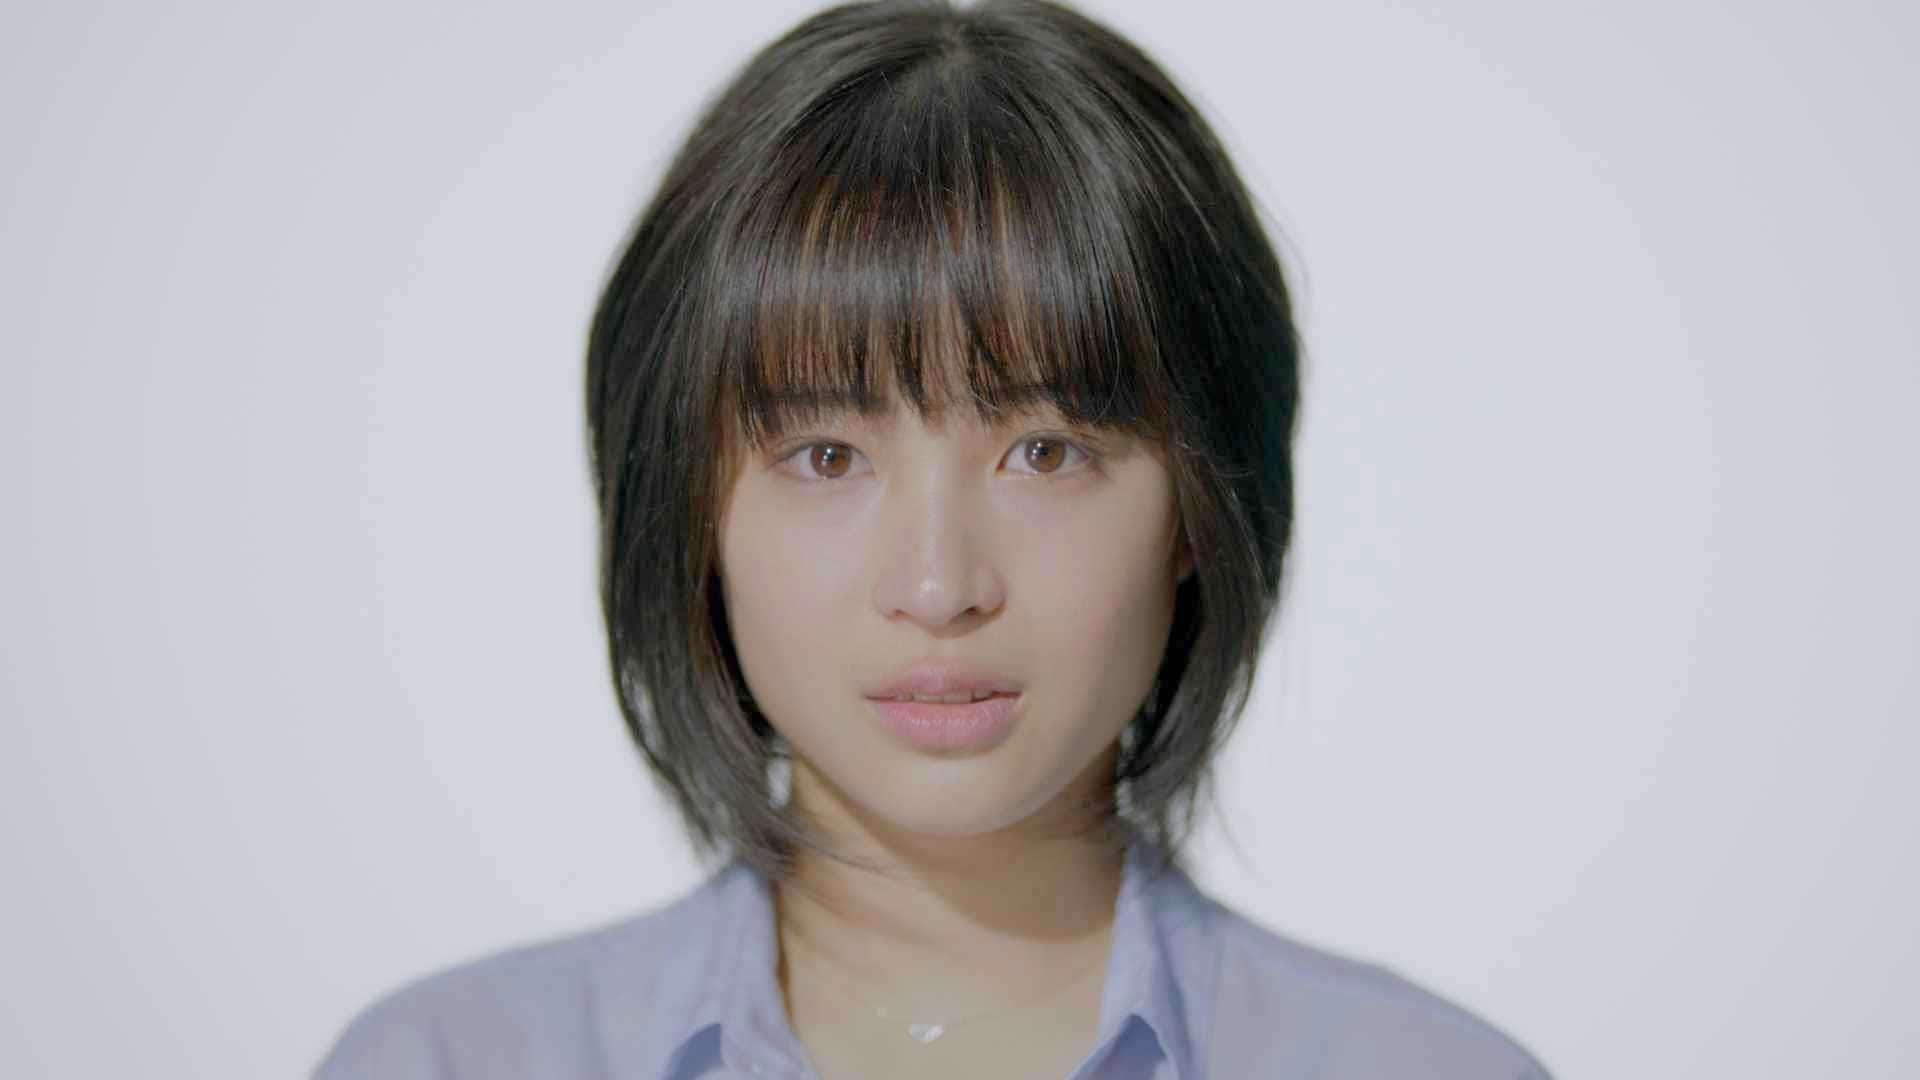 「プロポーズされたら、ゼクシィ」CM 広瀬すず篇 - YouTube